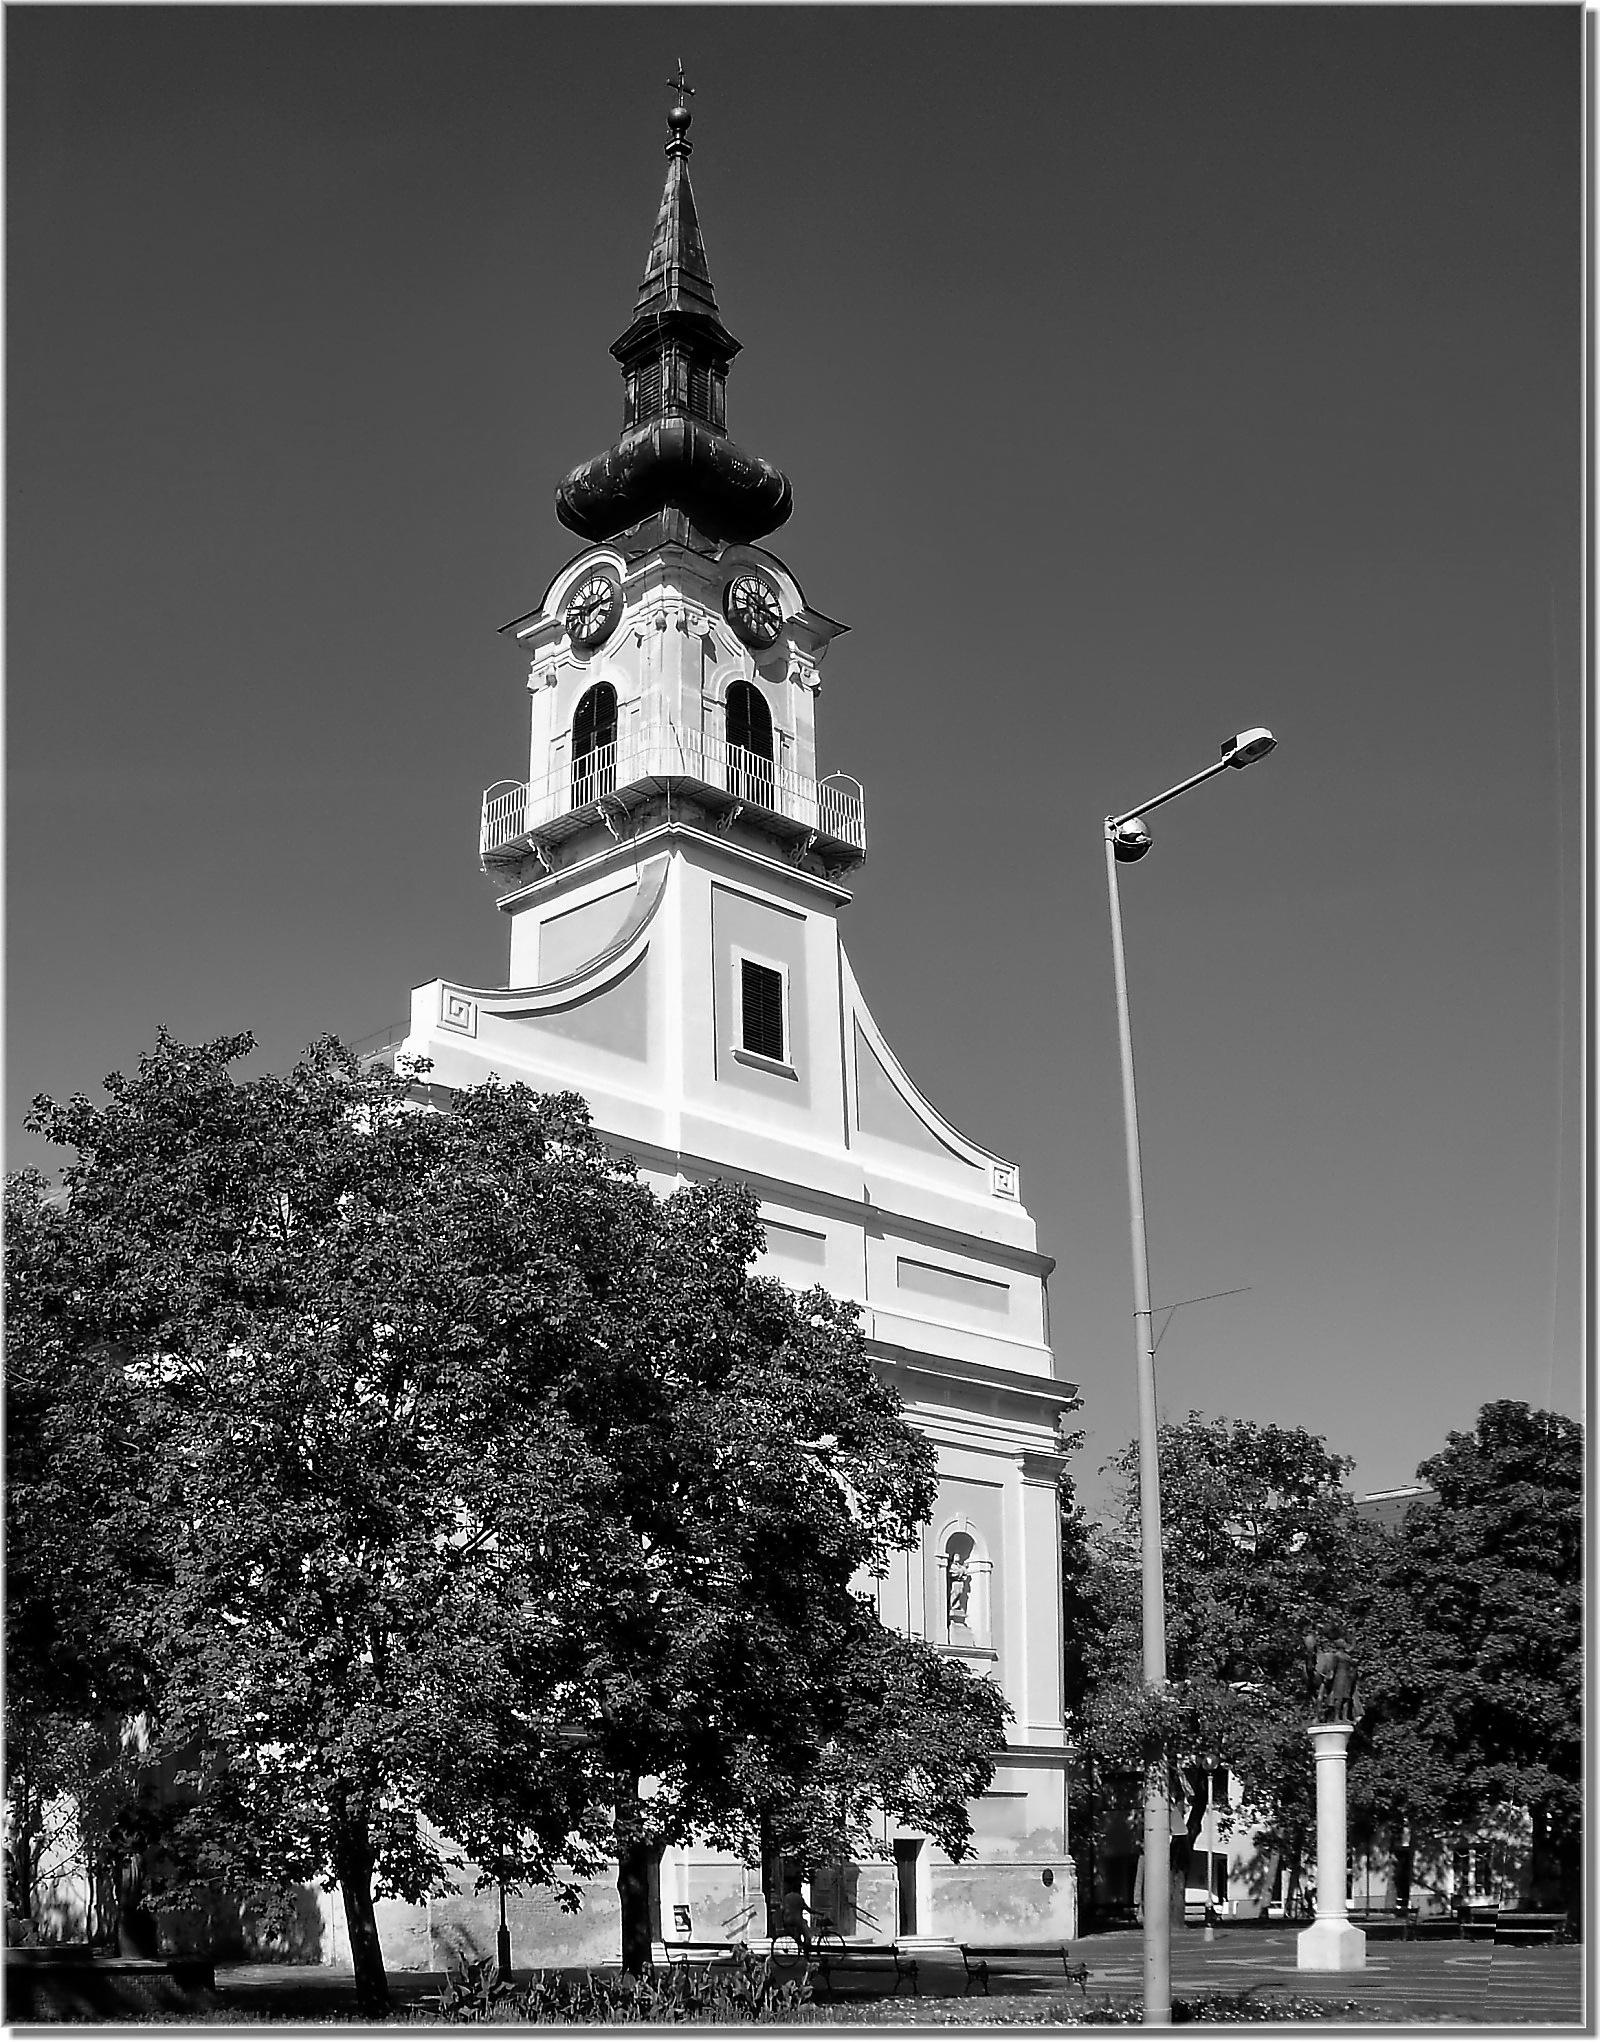 Katholische Kirche . Nagyboldogasszony Plébániatemplom . Csongrád, Kossuth tér 11 by Imre Lakat